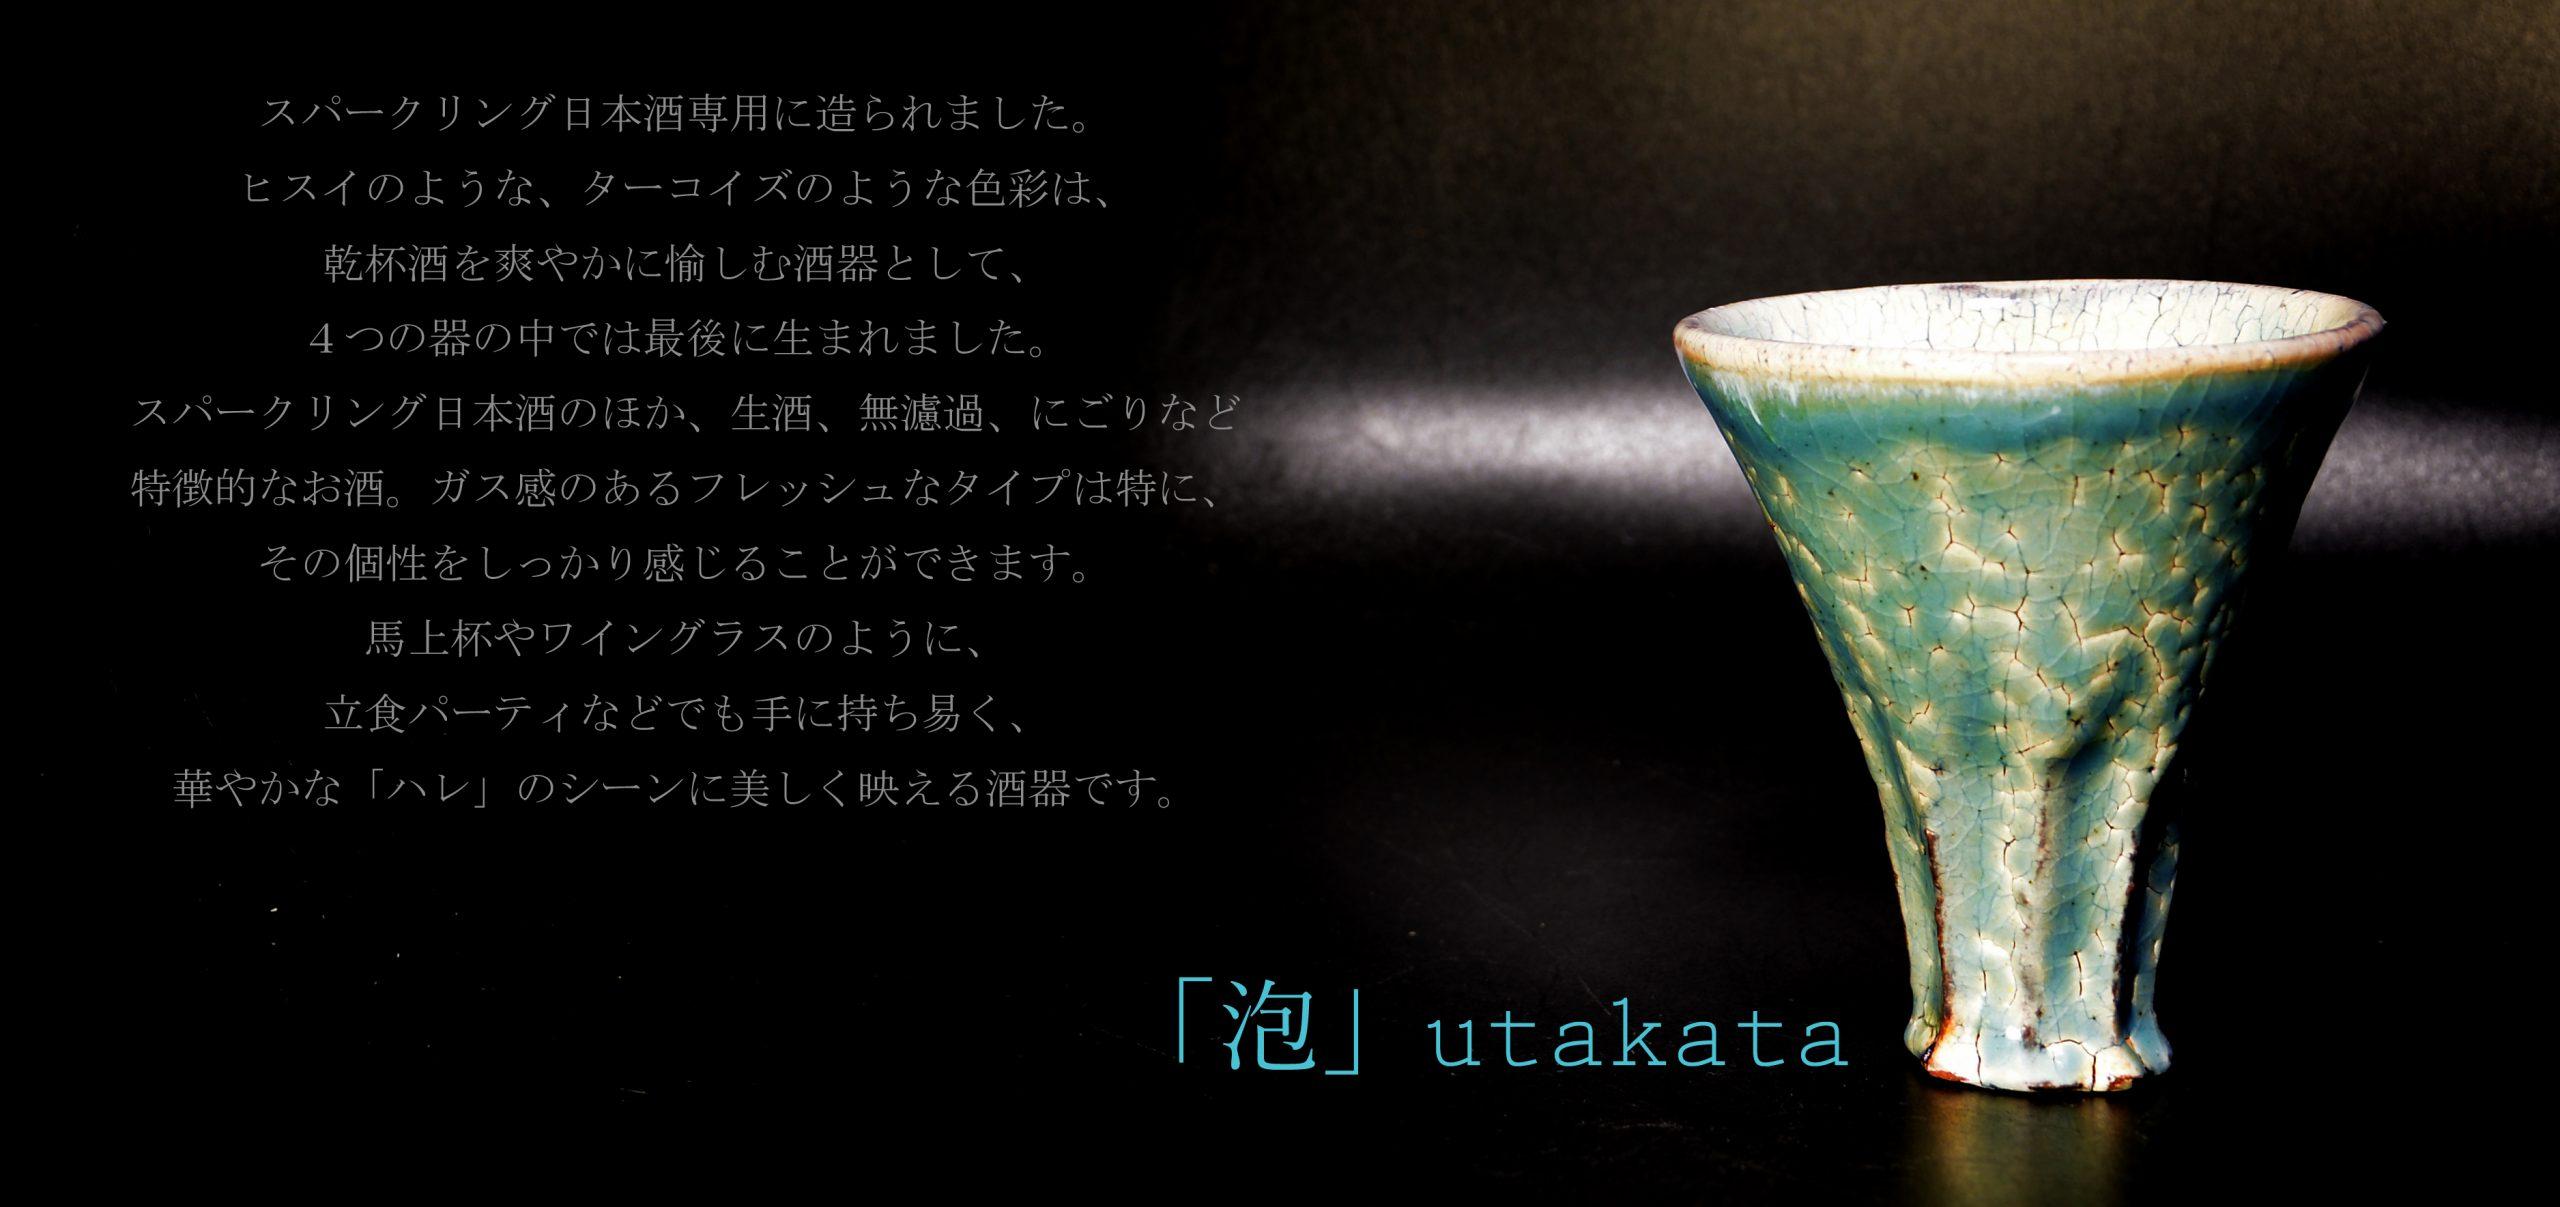 utakata